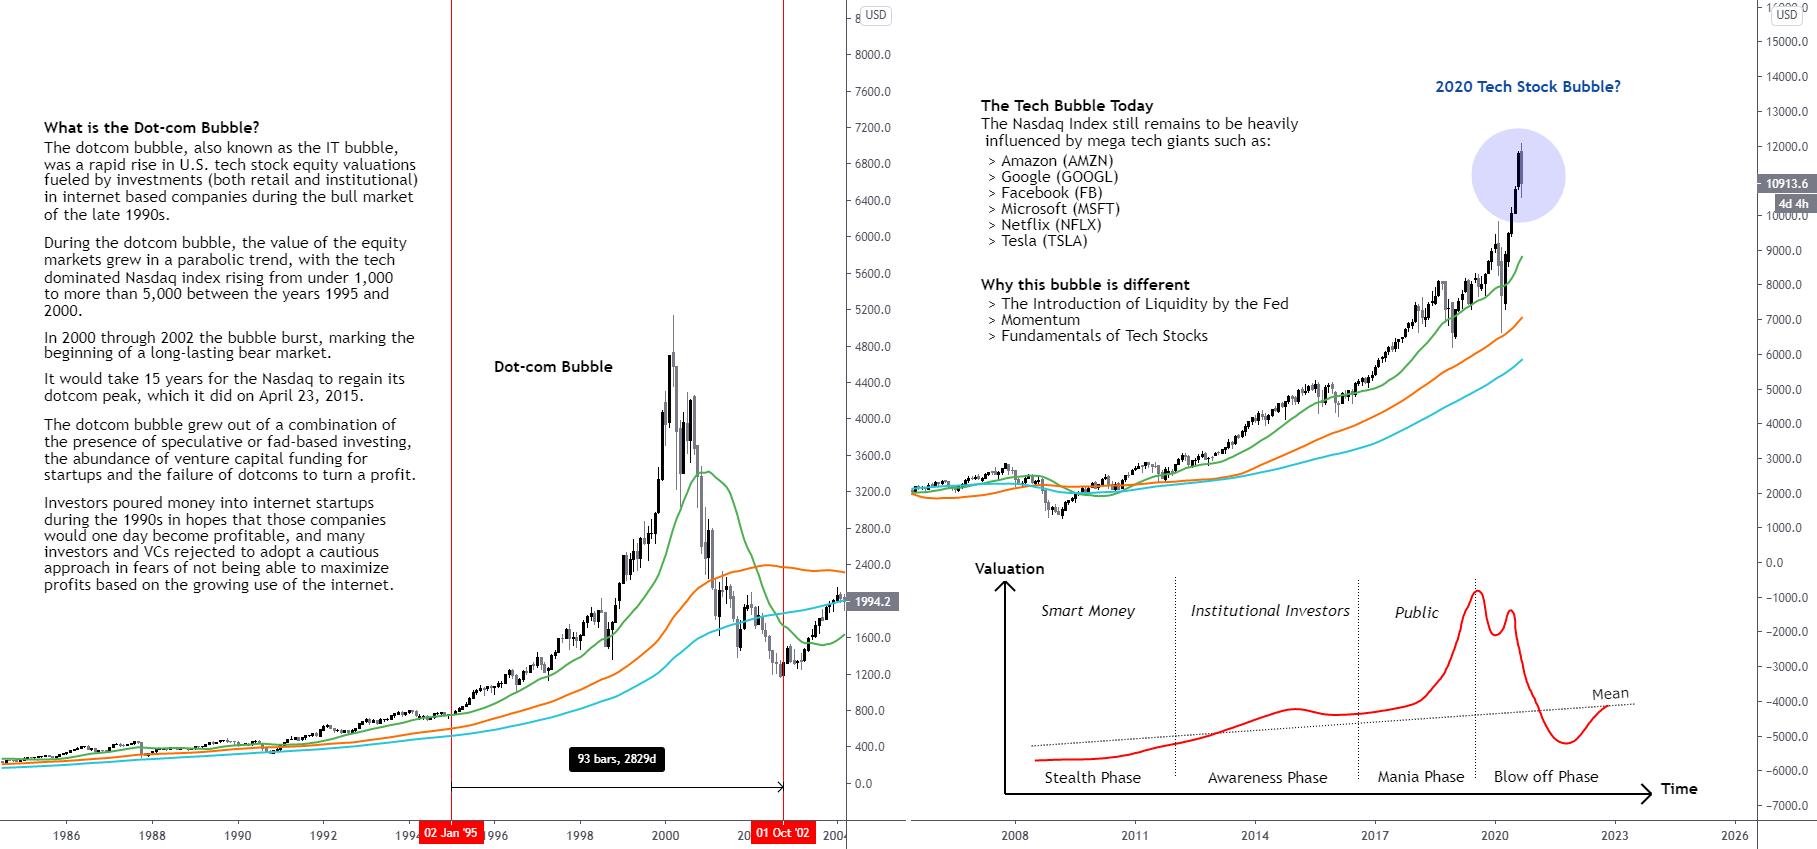 The 2020 Tech Bubble